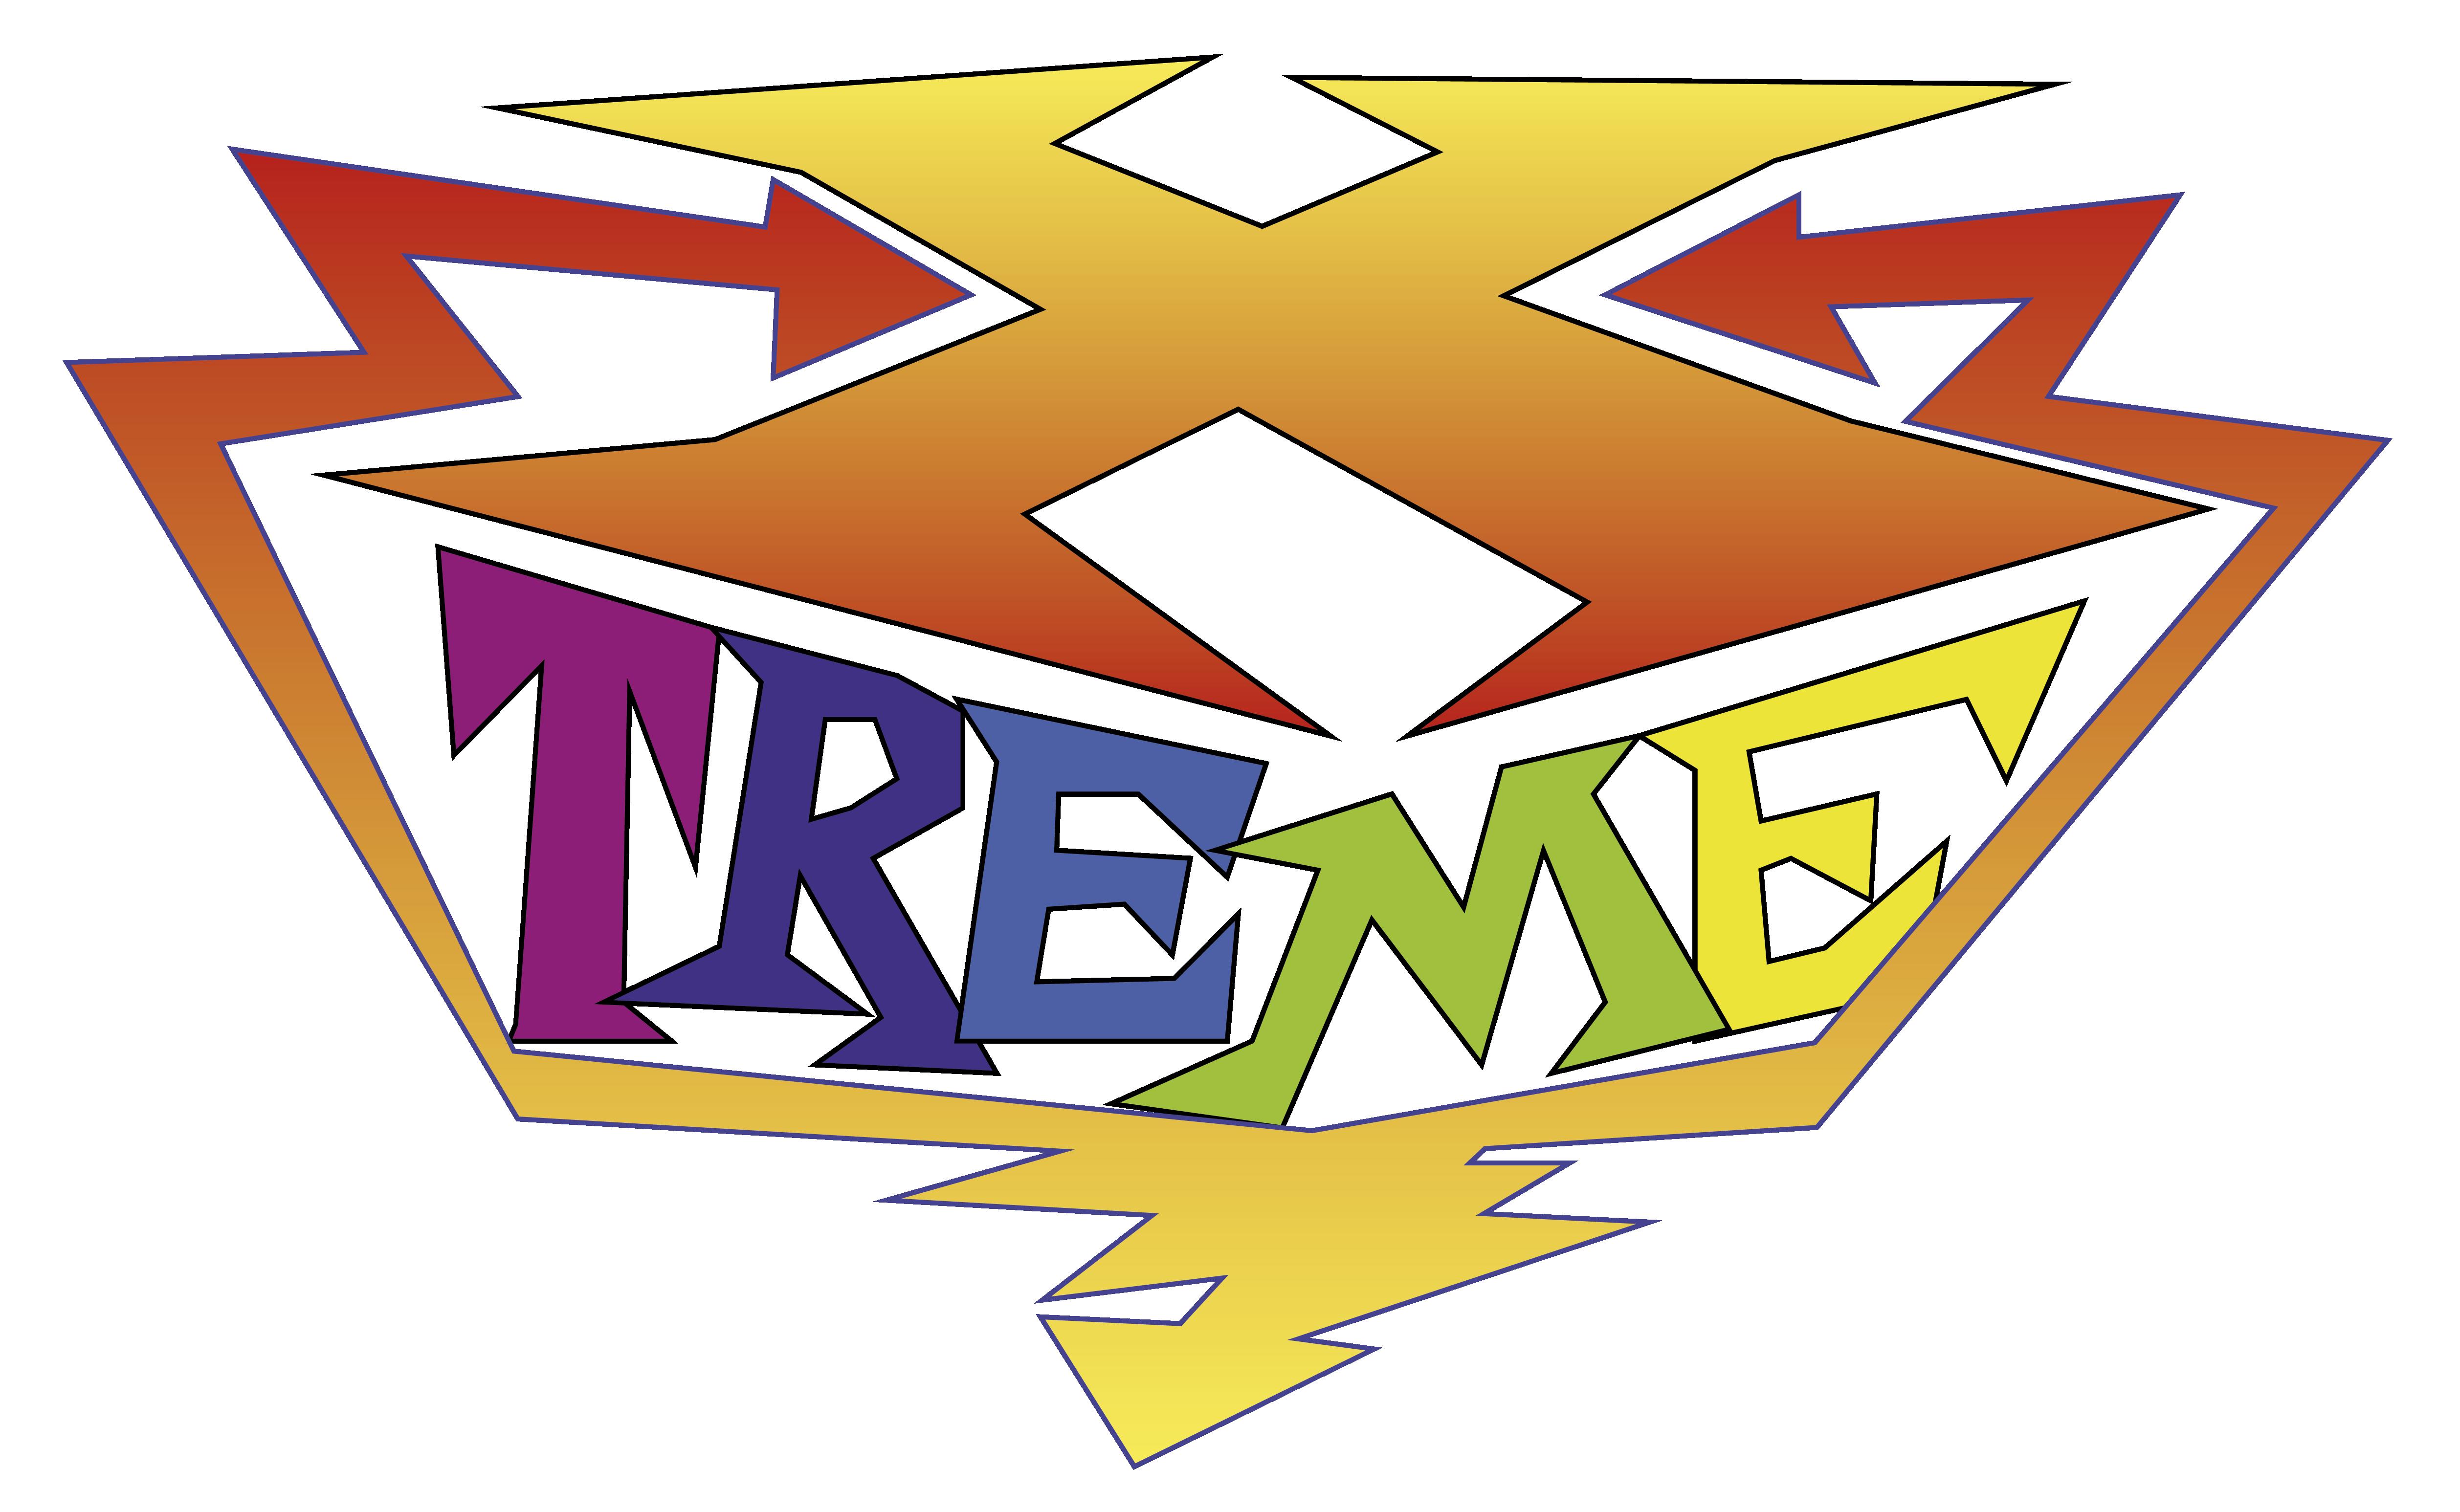 X-Treme Unterhaltungselektronik - Spielautomaten aus Wels | Die Profis für Spielautomaten/Unterhaltungsautomaten aus Oberösterreich. Aufstellung, Vermietung und Verkauf von Spielautomaten. Alkomaten, Kraftmaschinen uvm.